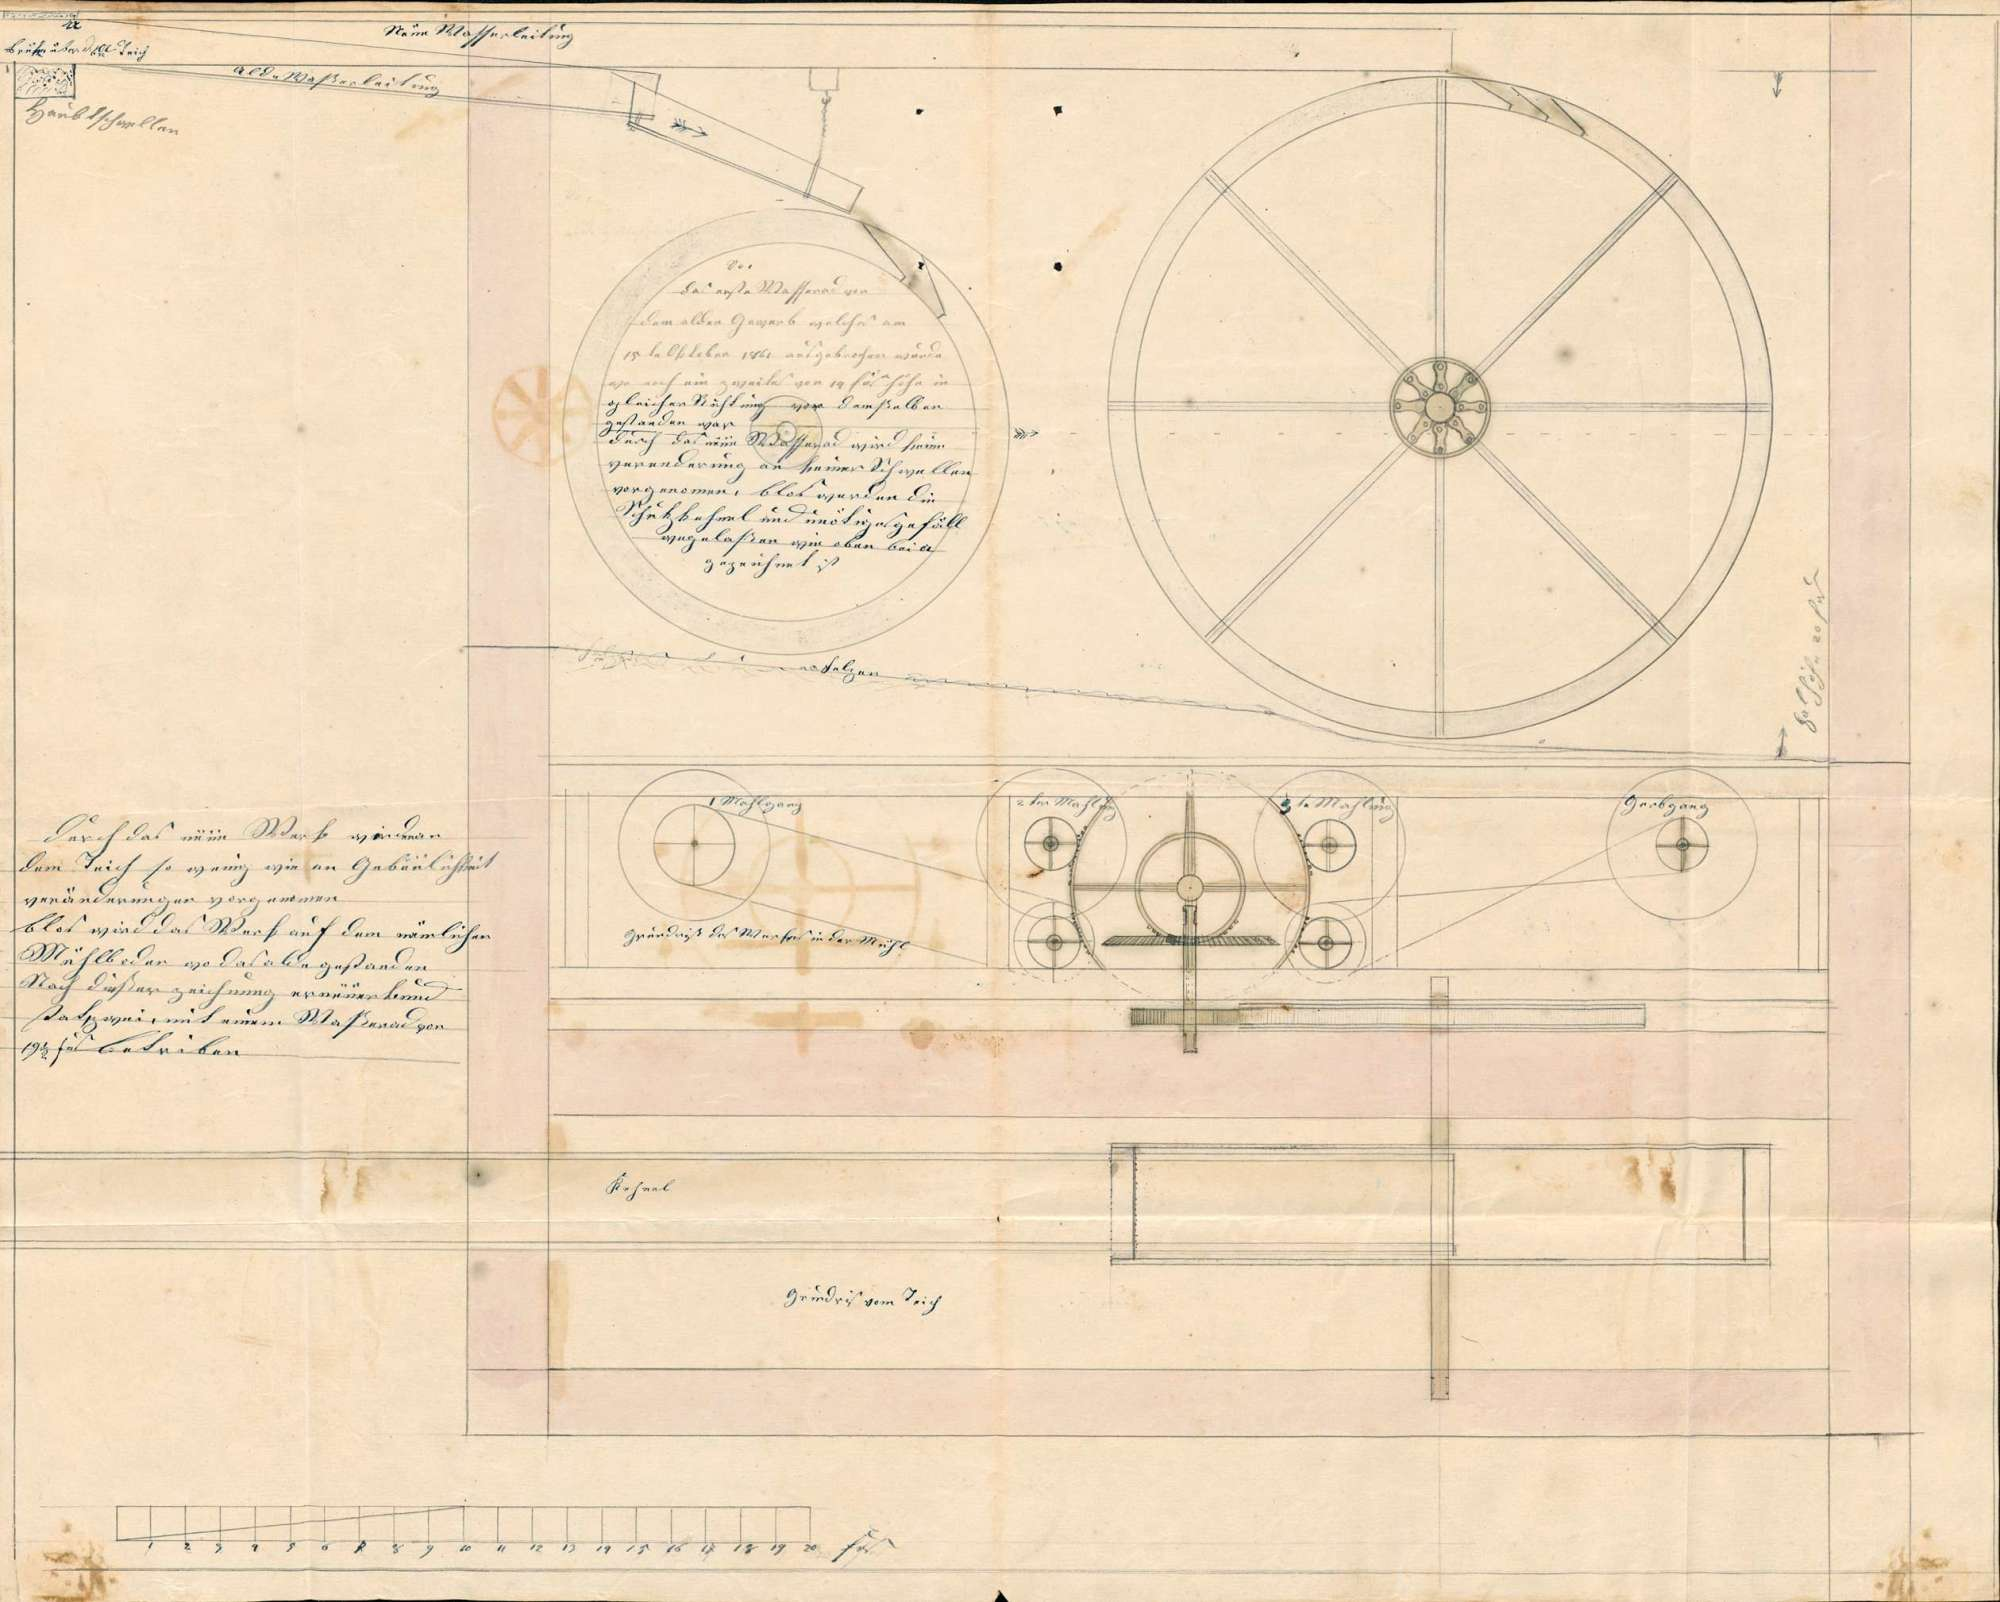 Bauliche Veränderungen an Wasserführung und Inneneinrichtung der Mahlmühle des Konrad Villinger in Kleinlaufenburg, Bild 2